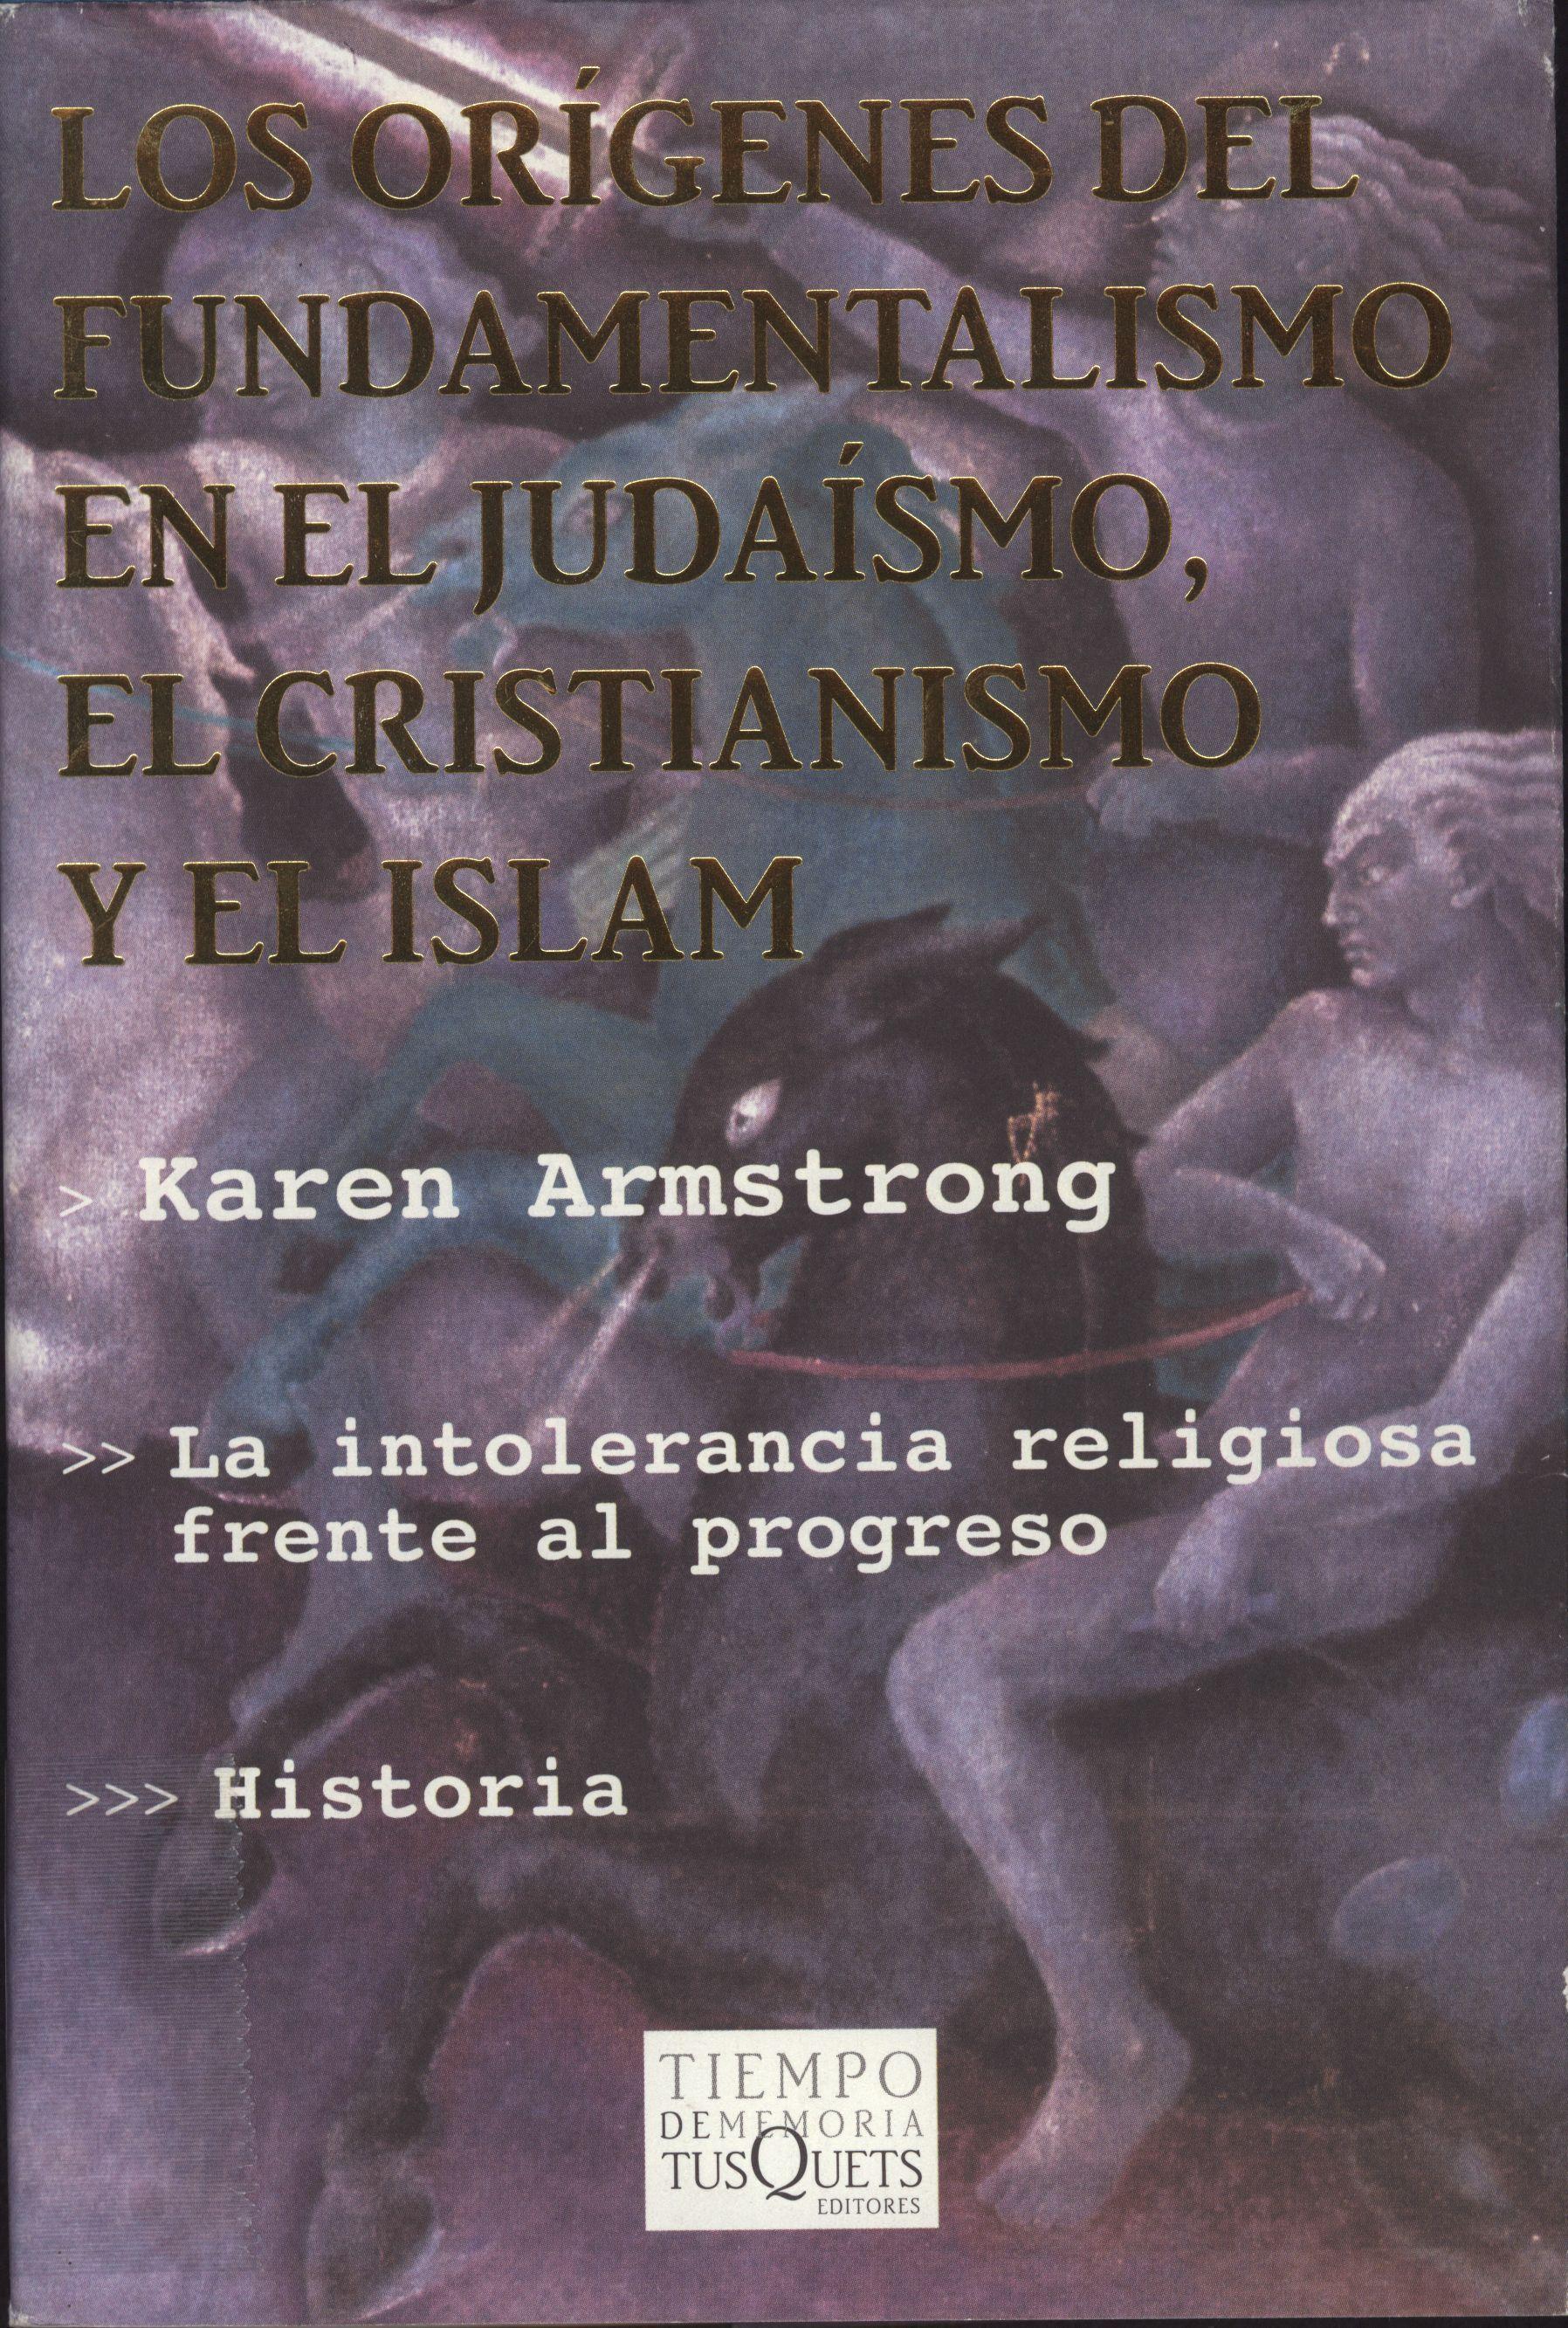 Los orígenes del fundamentalismo en el judaísmo, el cristianismo y el Islam / Karen Armstrong ; traducción de Federico Villegas.  Barcelona : Tusquets, 2004